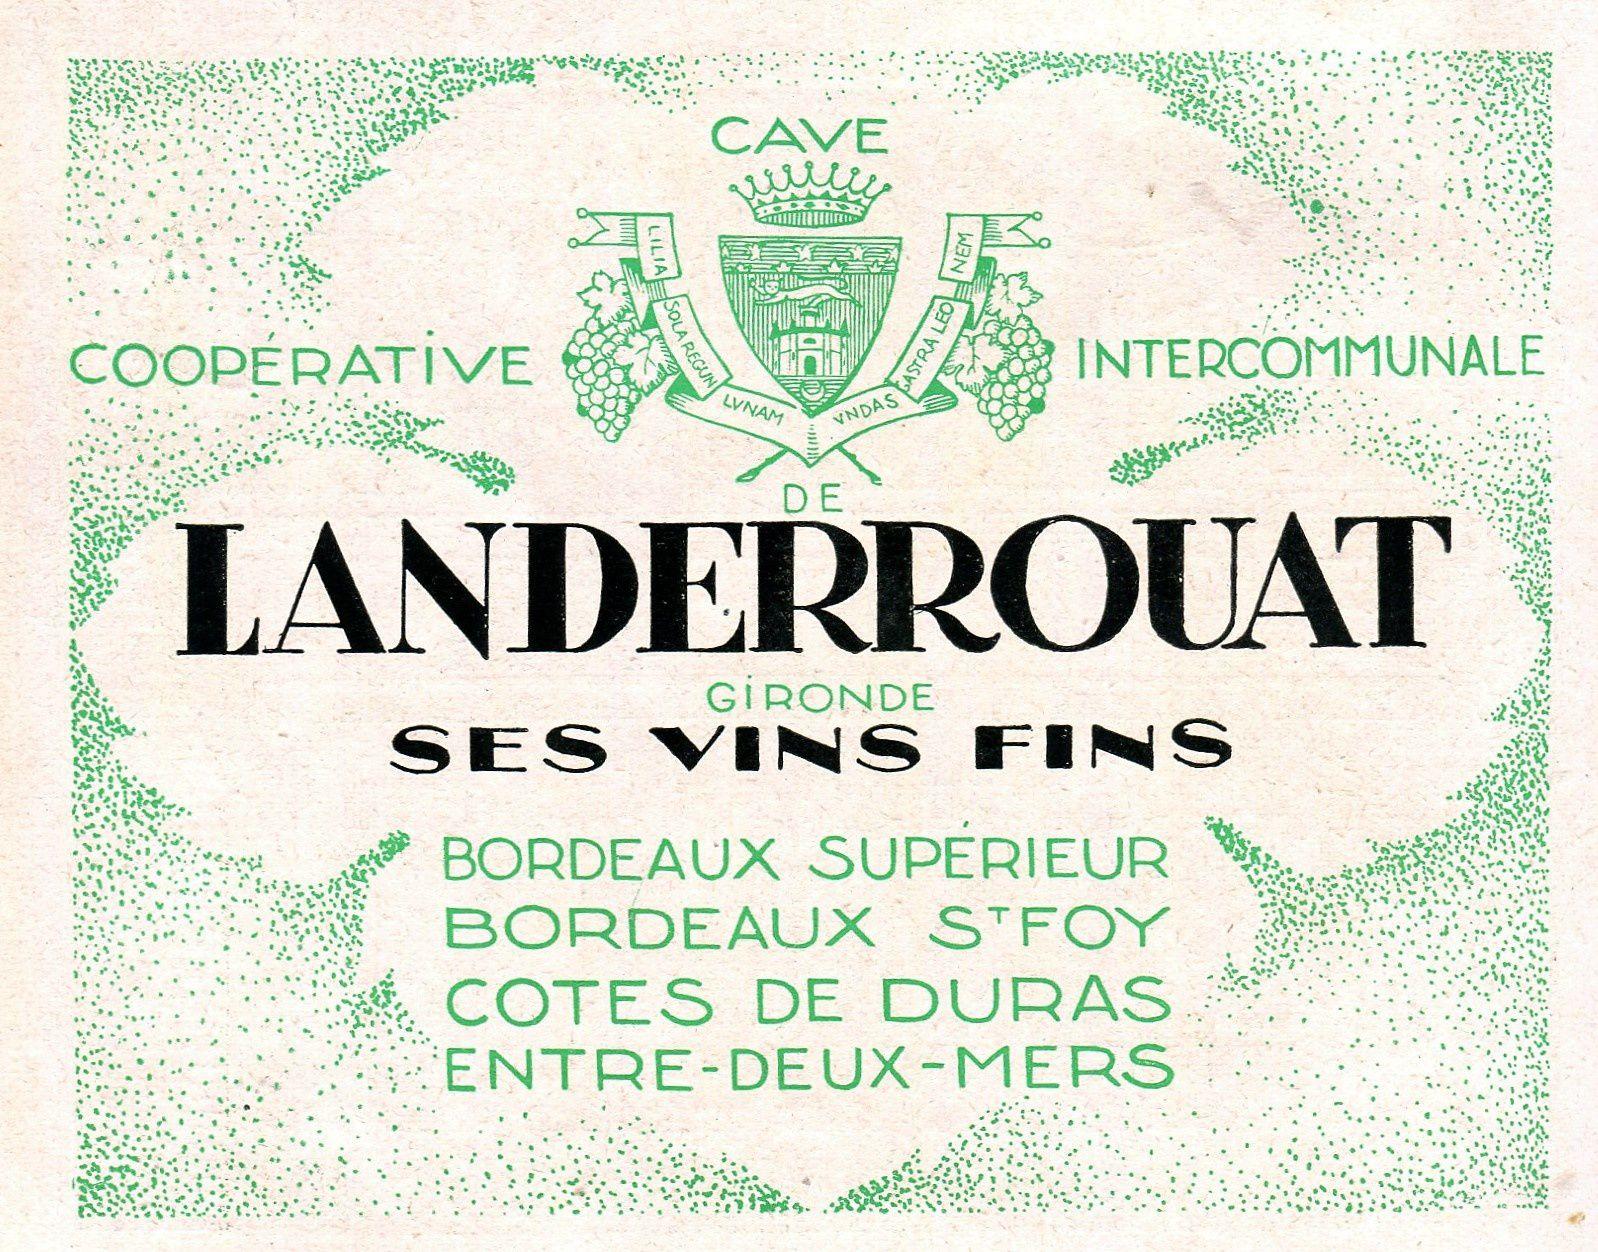 LANDERROUAT (Gironde) : La société coopérative vinicole.